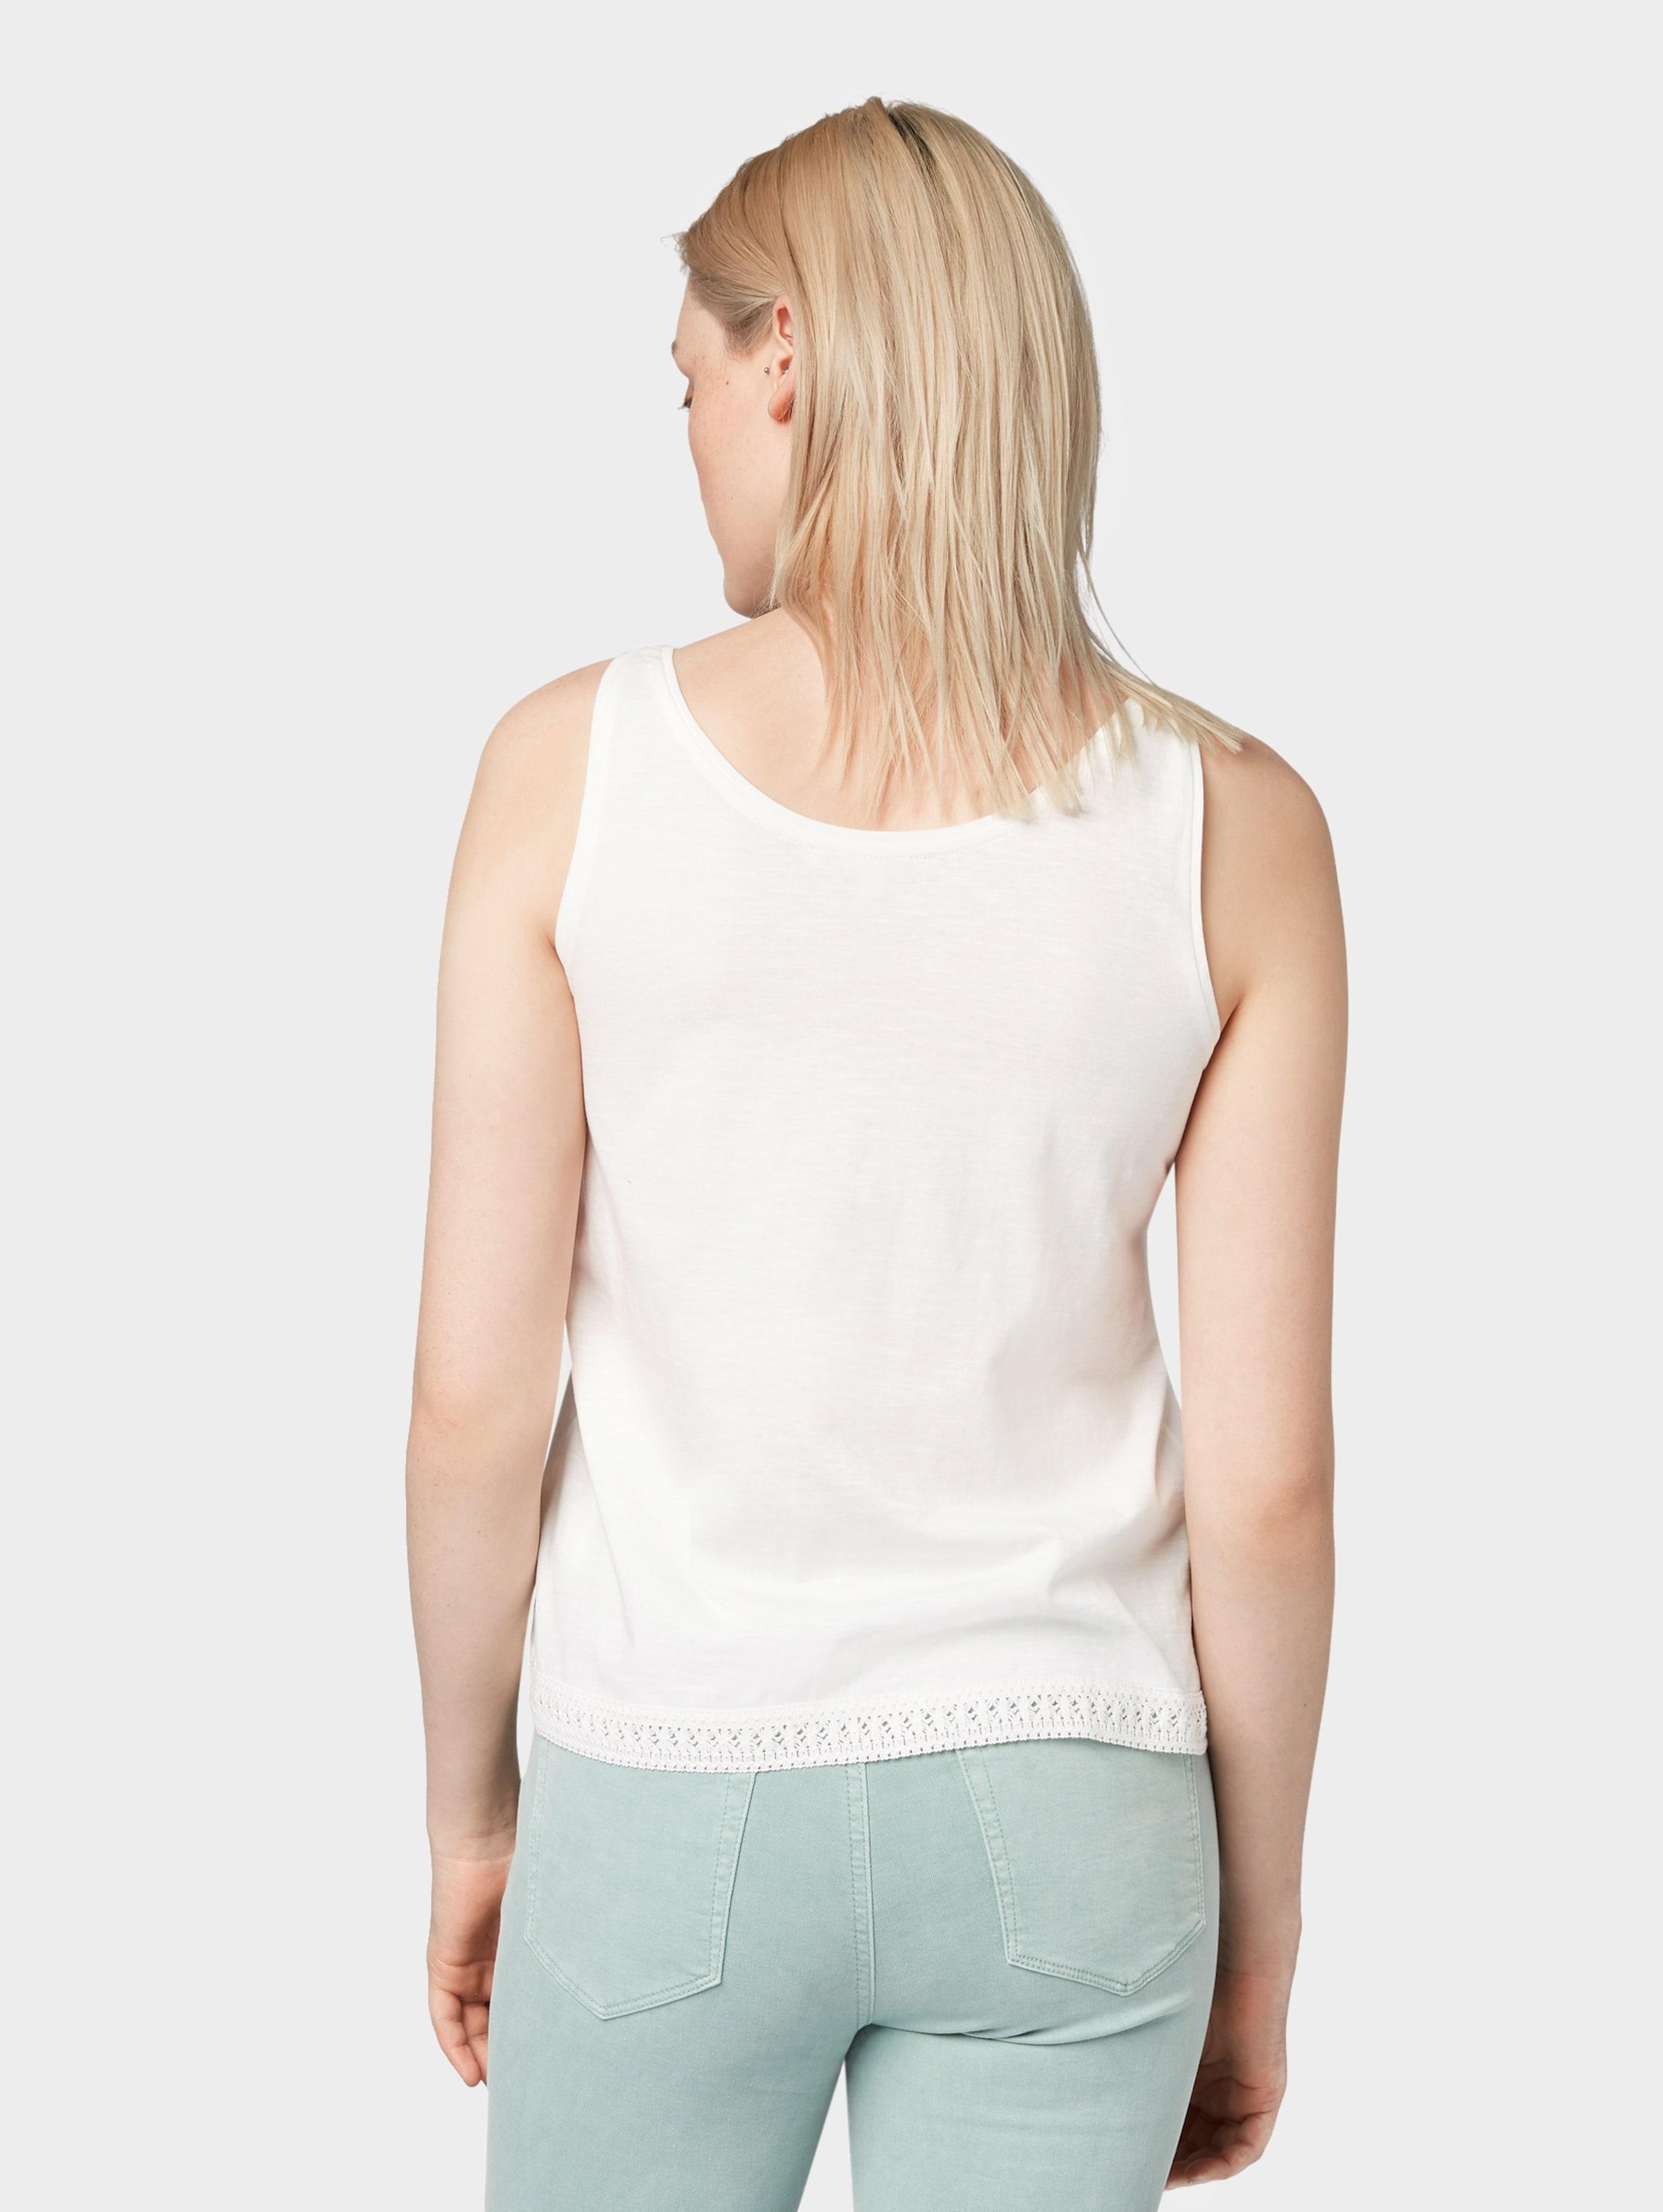 En Tom Denim Haut Blanc Tailor Ybfyv76g